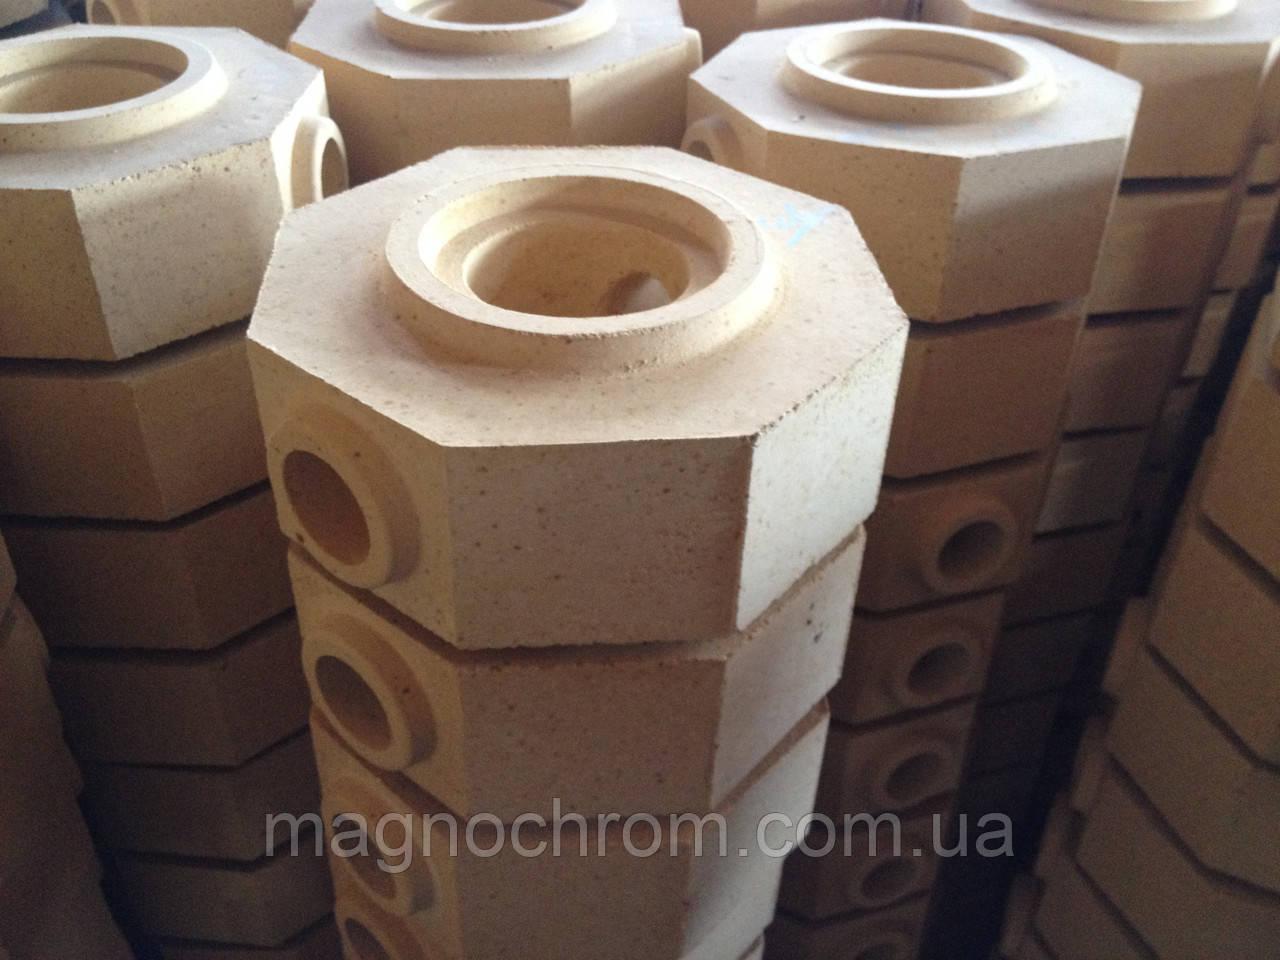 Изделия для сифонной разливки стали